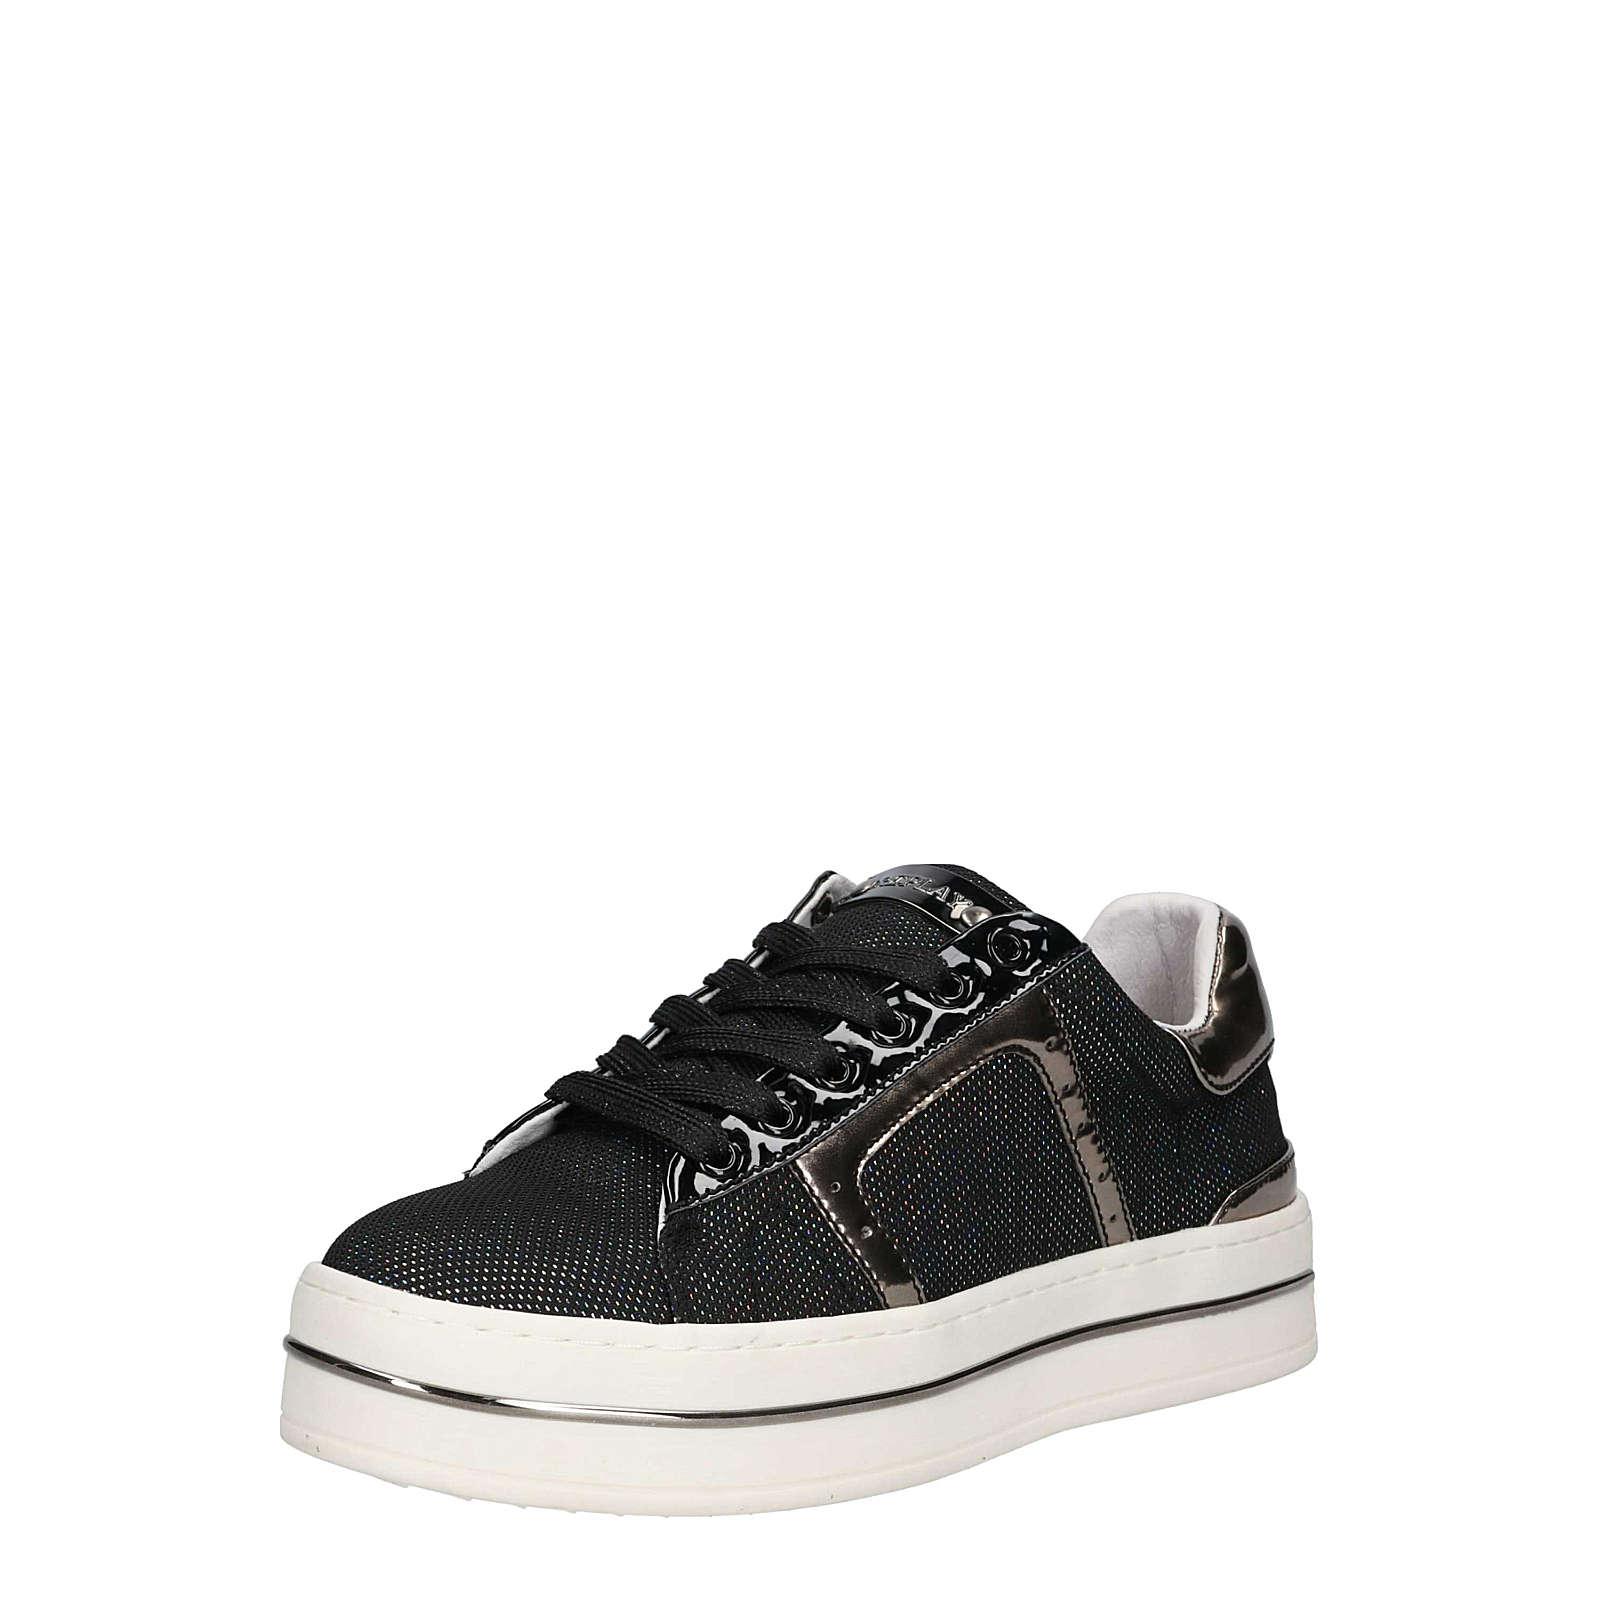 REPLAY Sneaker low PLAISE Sneakers Low schwarz Damen Gr. 38